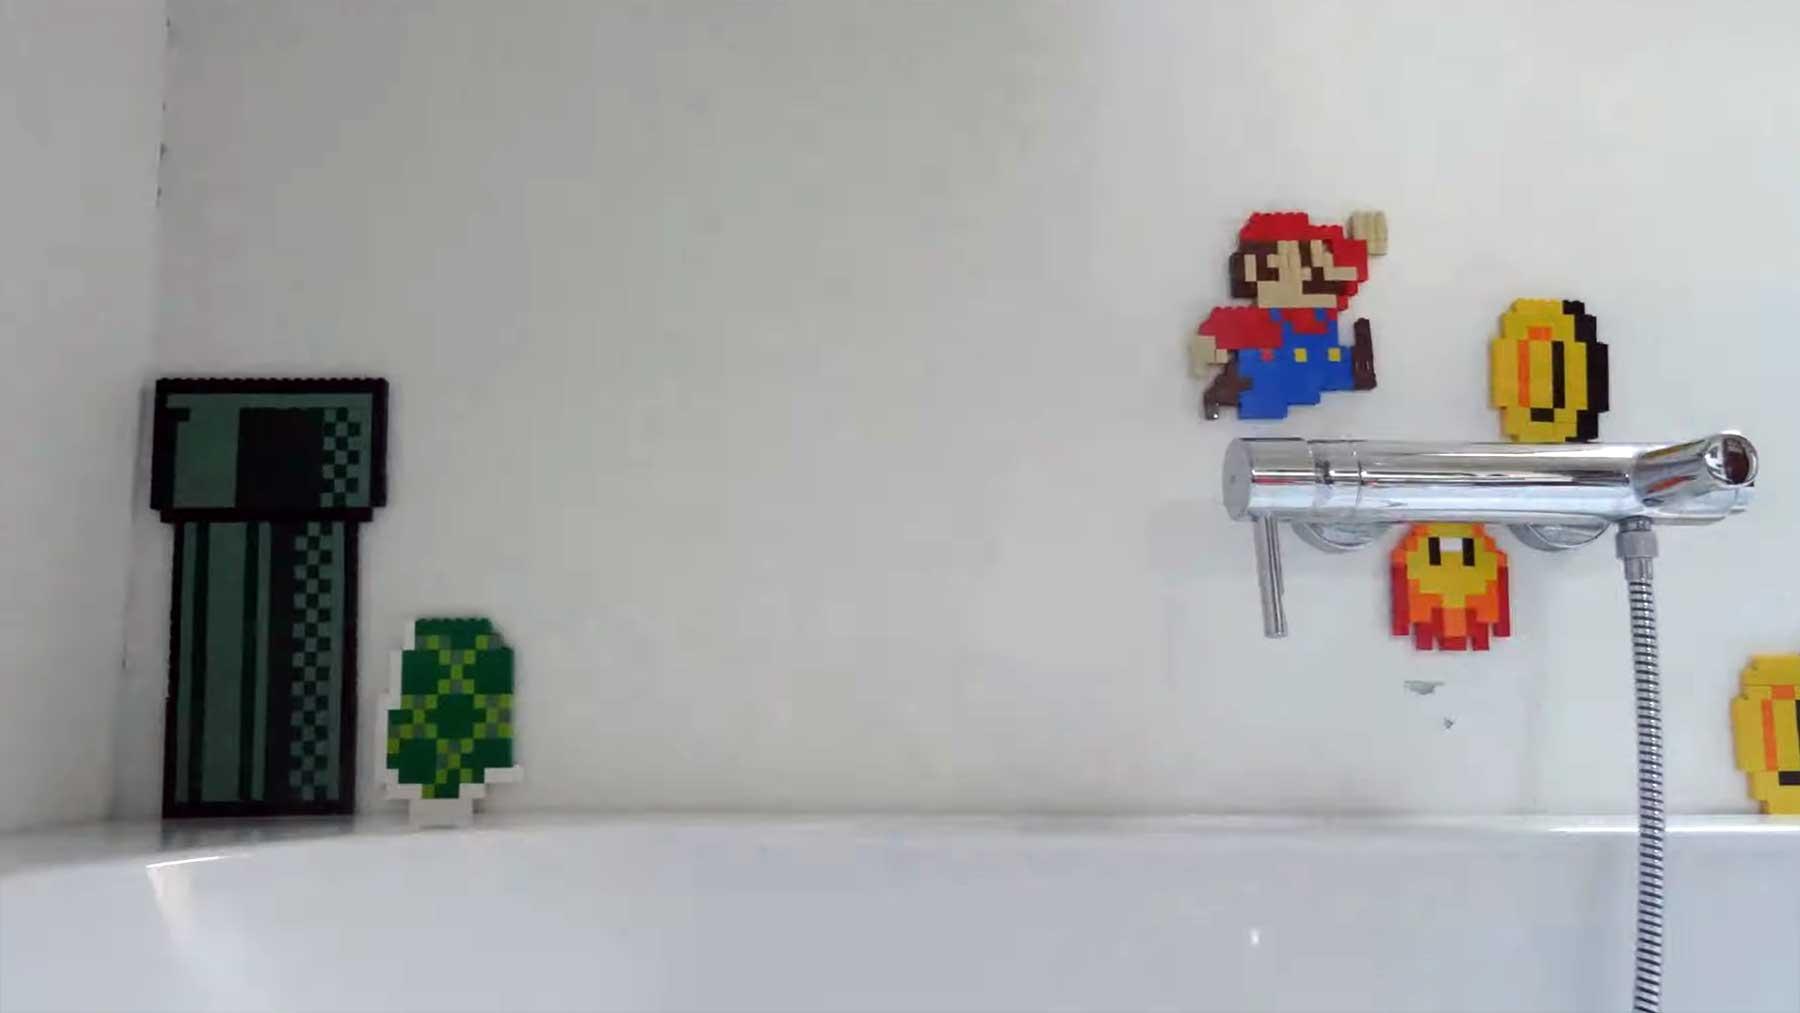 8-Bit-Stopmotion erweckt Super Mario zum Leben super-mario-stopmotion-daheim